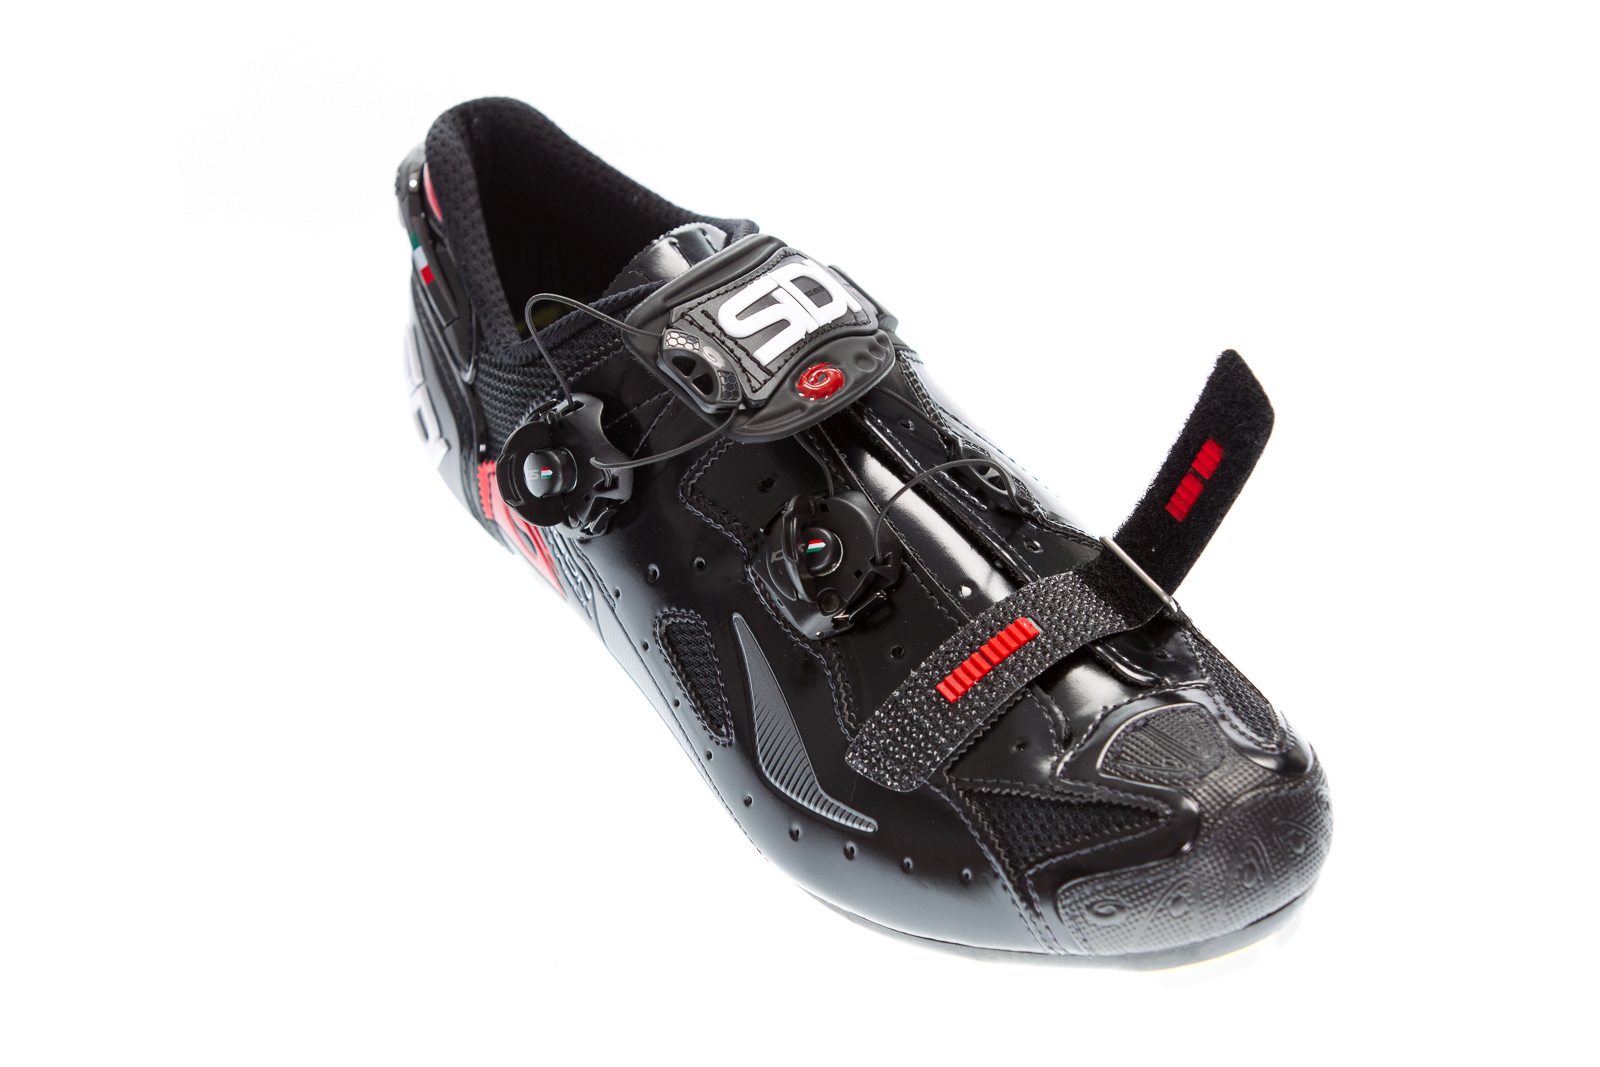 Sidi Dragon 4 MTB shoes - Bikeboard.cc Reviews